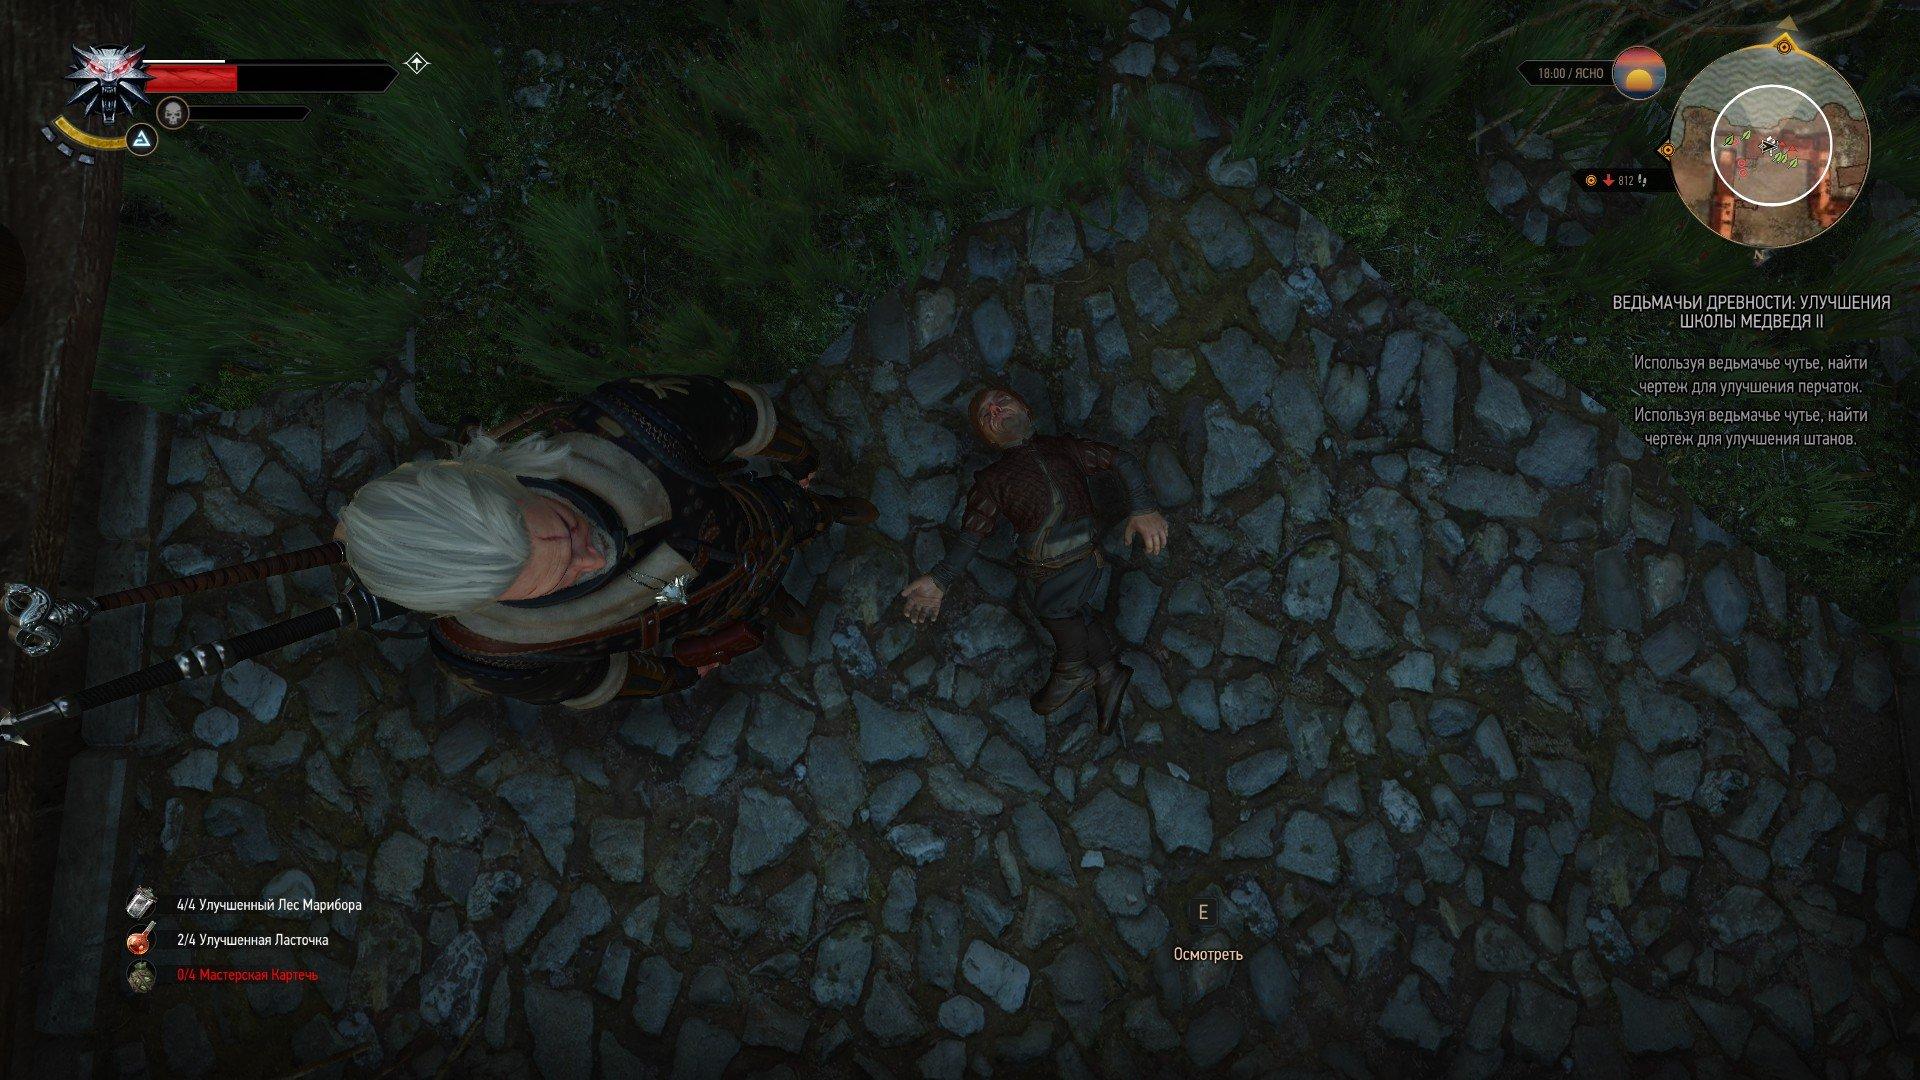 Геральт нашел труп Тириона Ланнистера - Изображение 2